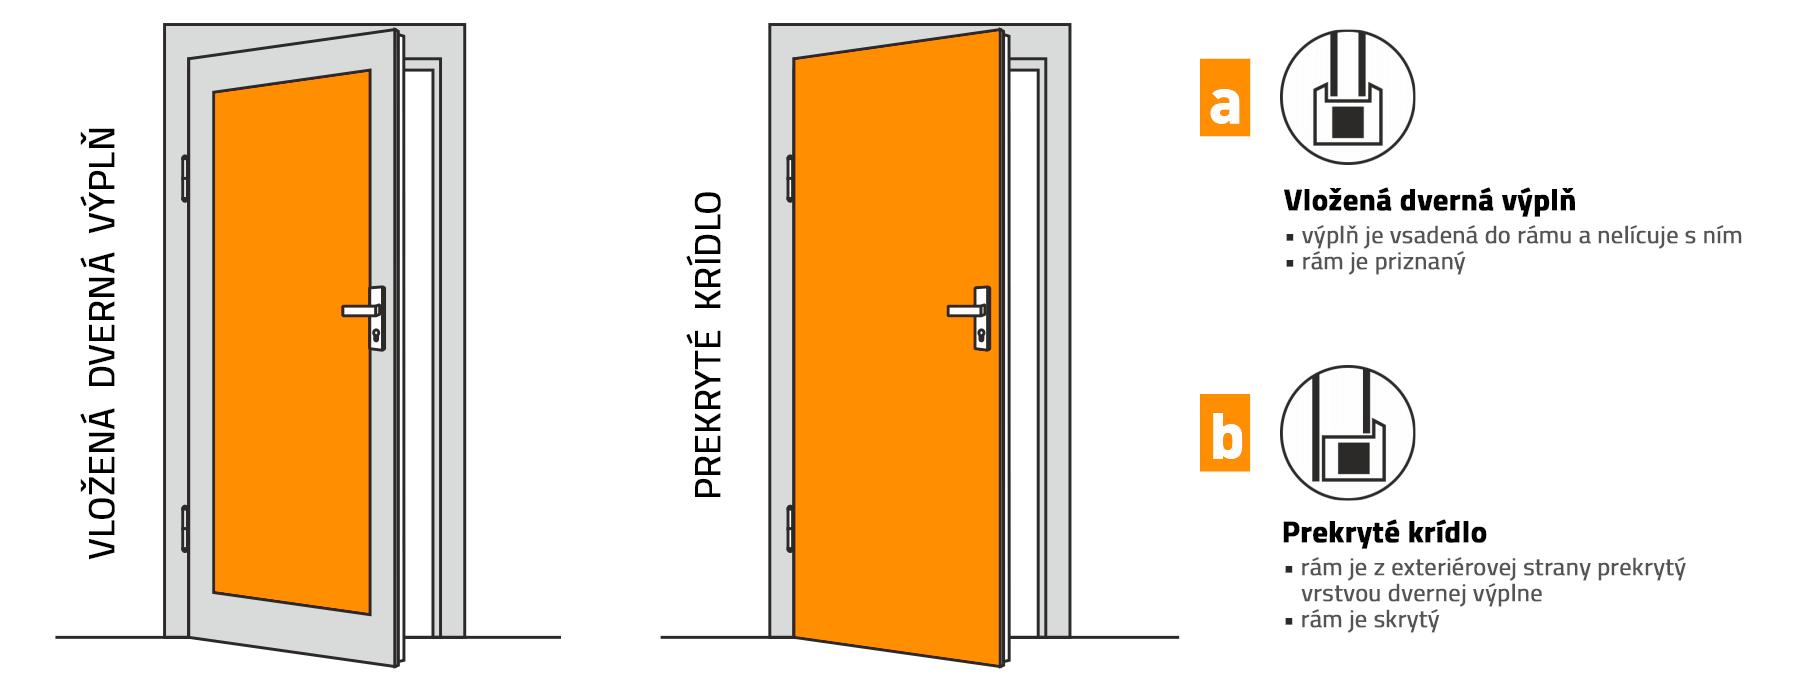 Profilový dverný systém a prekryté krídlo pre vchodové dvere